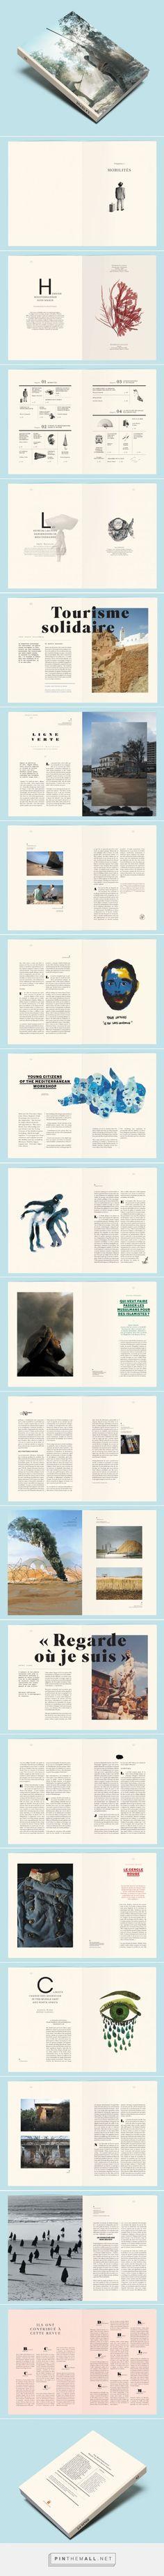 Editorial Design Inspiration: La Villa Mediterranée by Violaine & Jeremy: